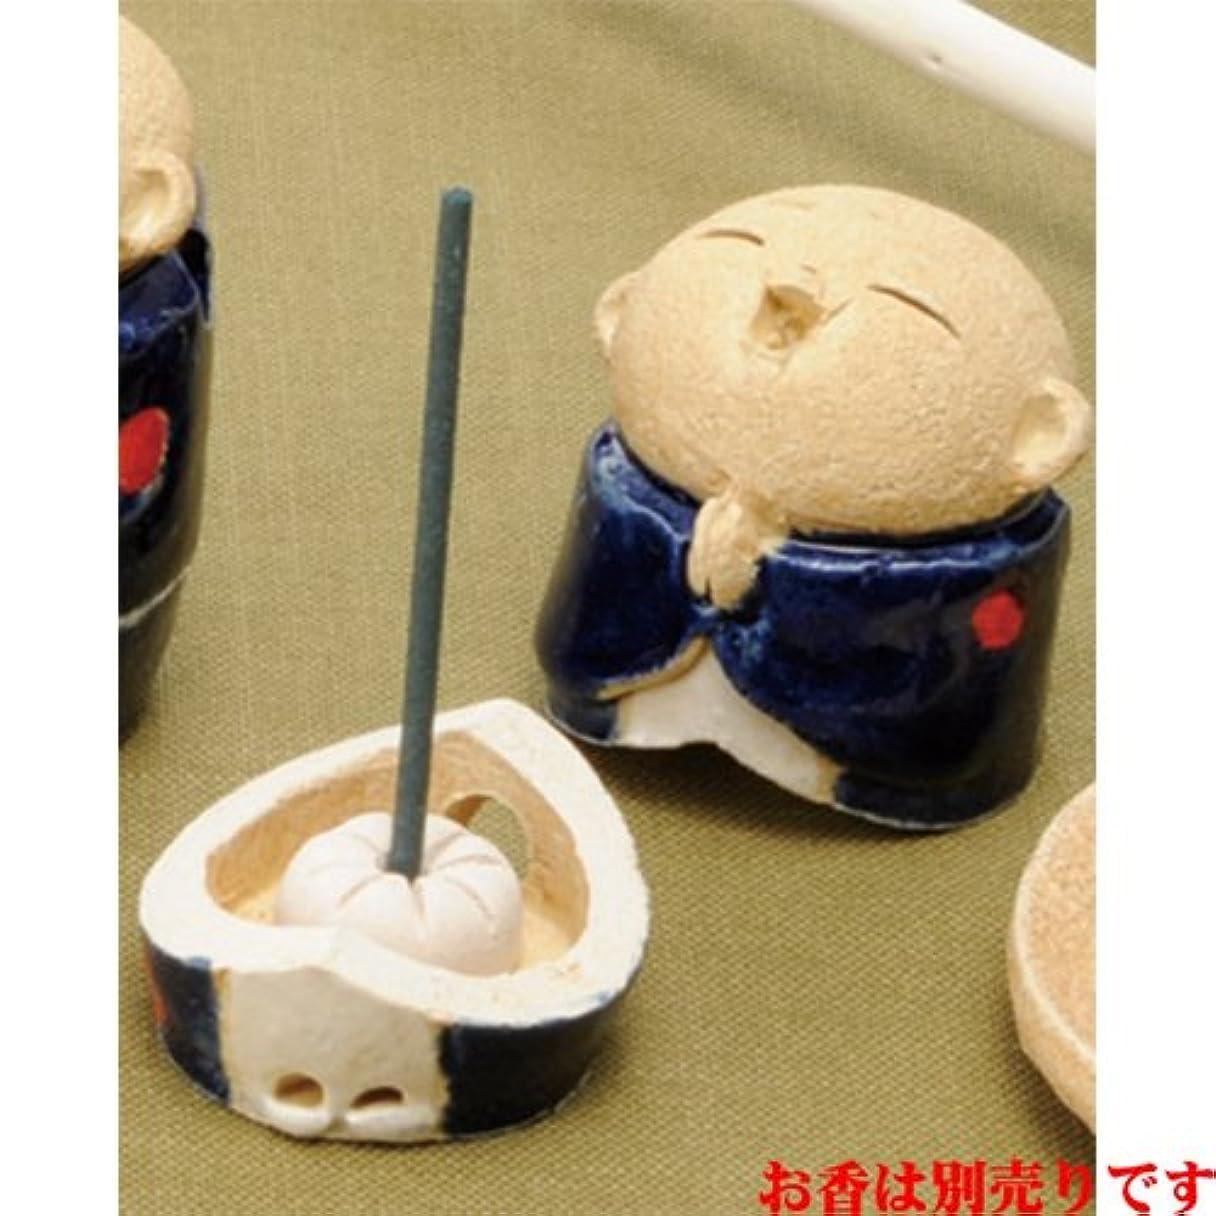 液化するパシフィックボールお地蔵様 香炉シリーズ 青 お地蔵様 香炉 2.0寸 [H6cm] HANDMADE プレゼント ギフト 和食器 かわいい インテリア